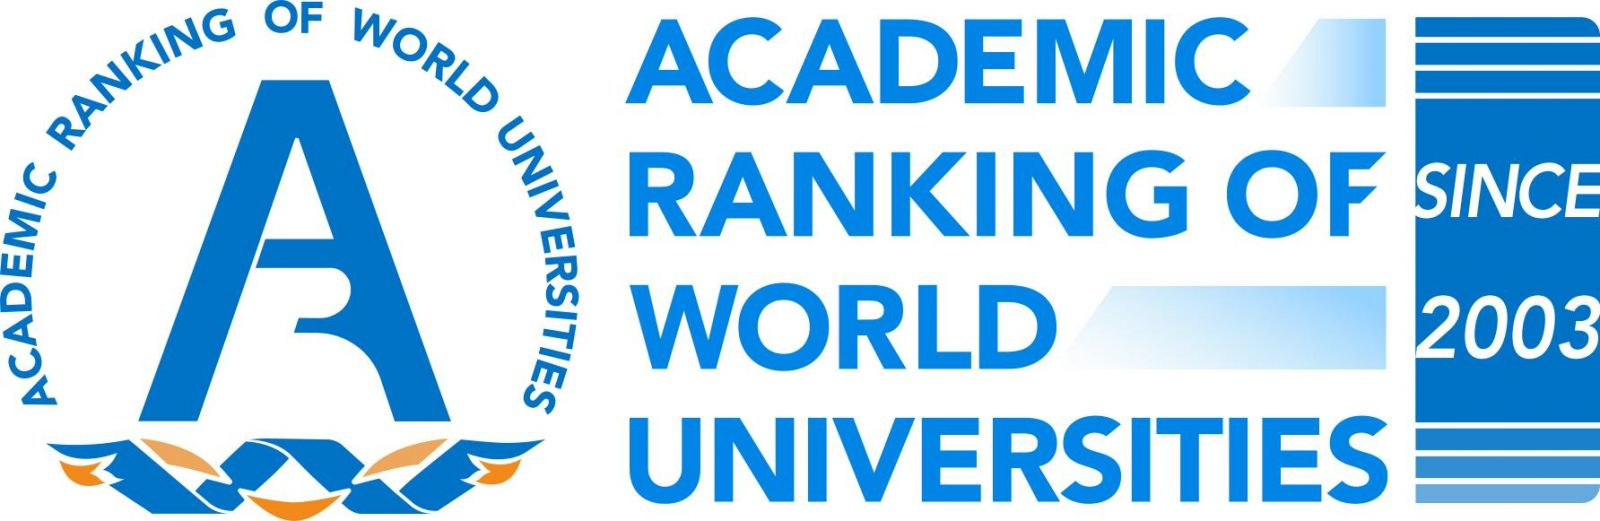 Ingeniería Química en la UCLM se sitúa nuevamente entre las primeras posiciones a Nivel Internacional y Nacional según el ranking de Shanghai